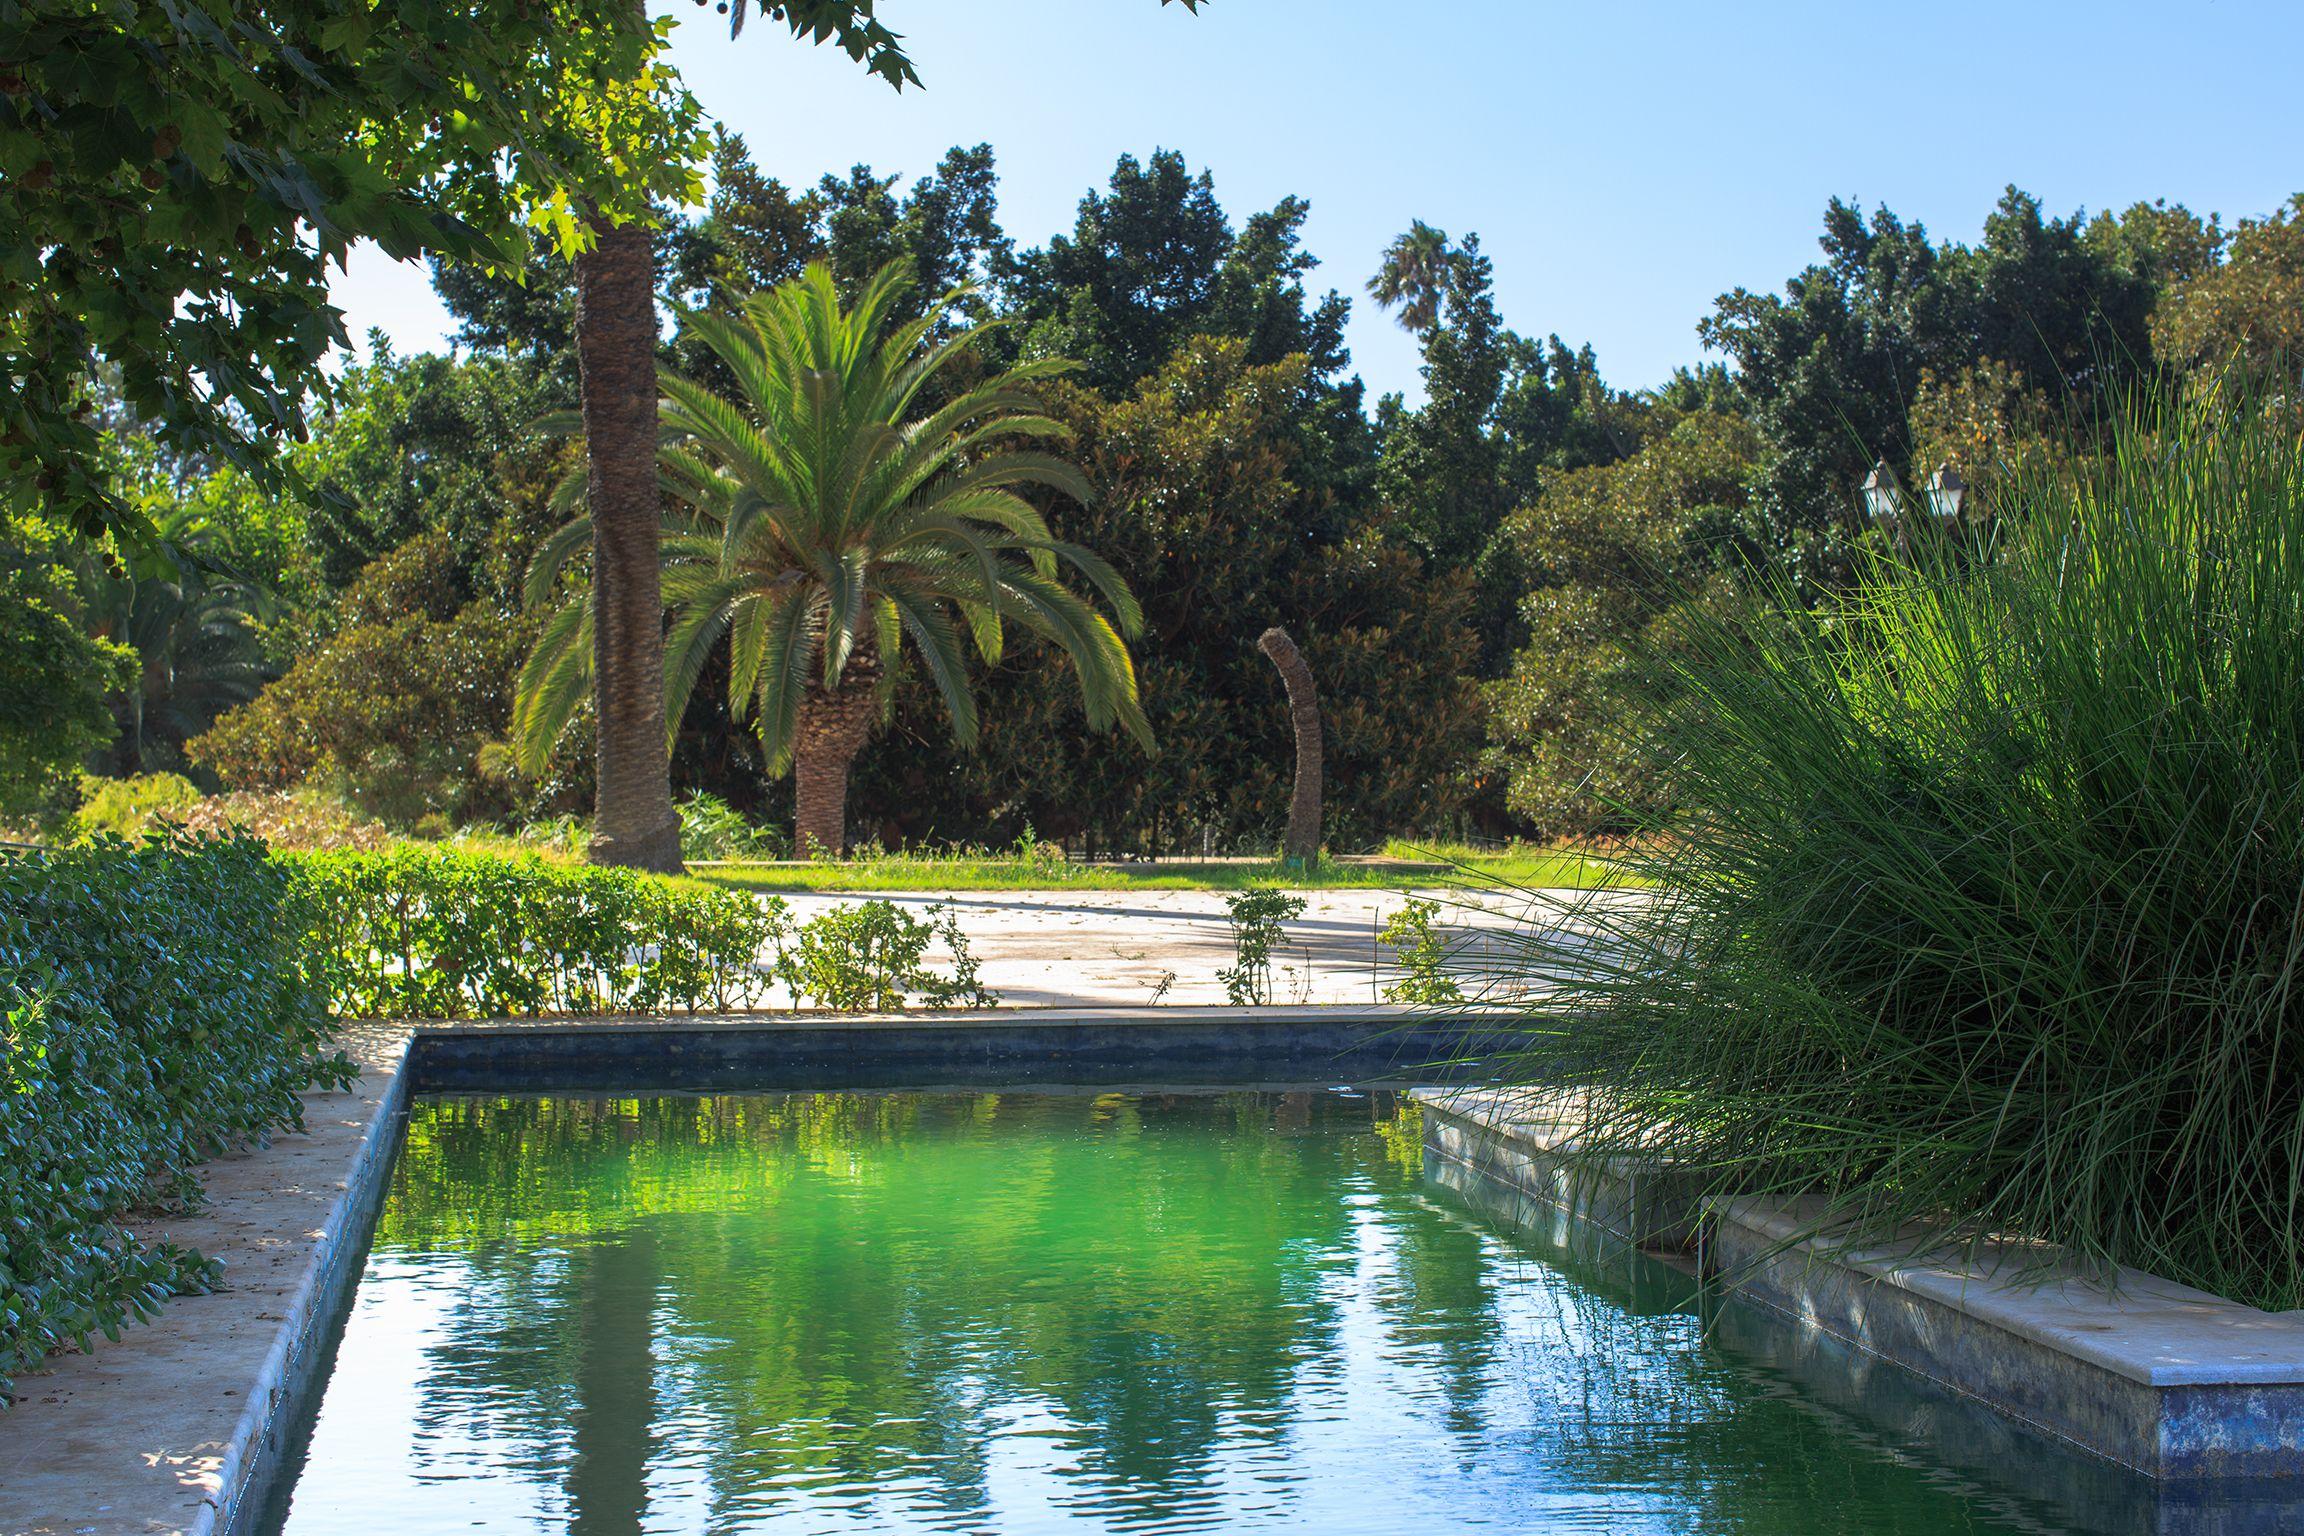 Rabat ville jardin avec la participation de Mounia Bennani